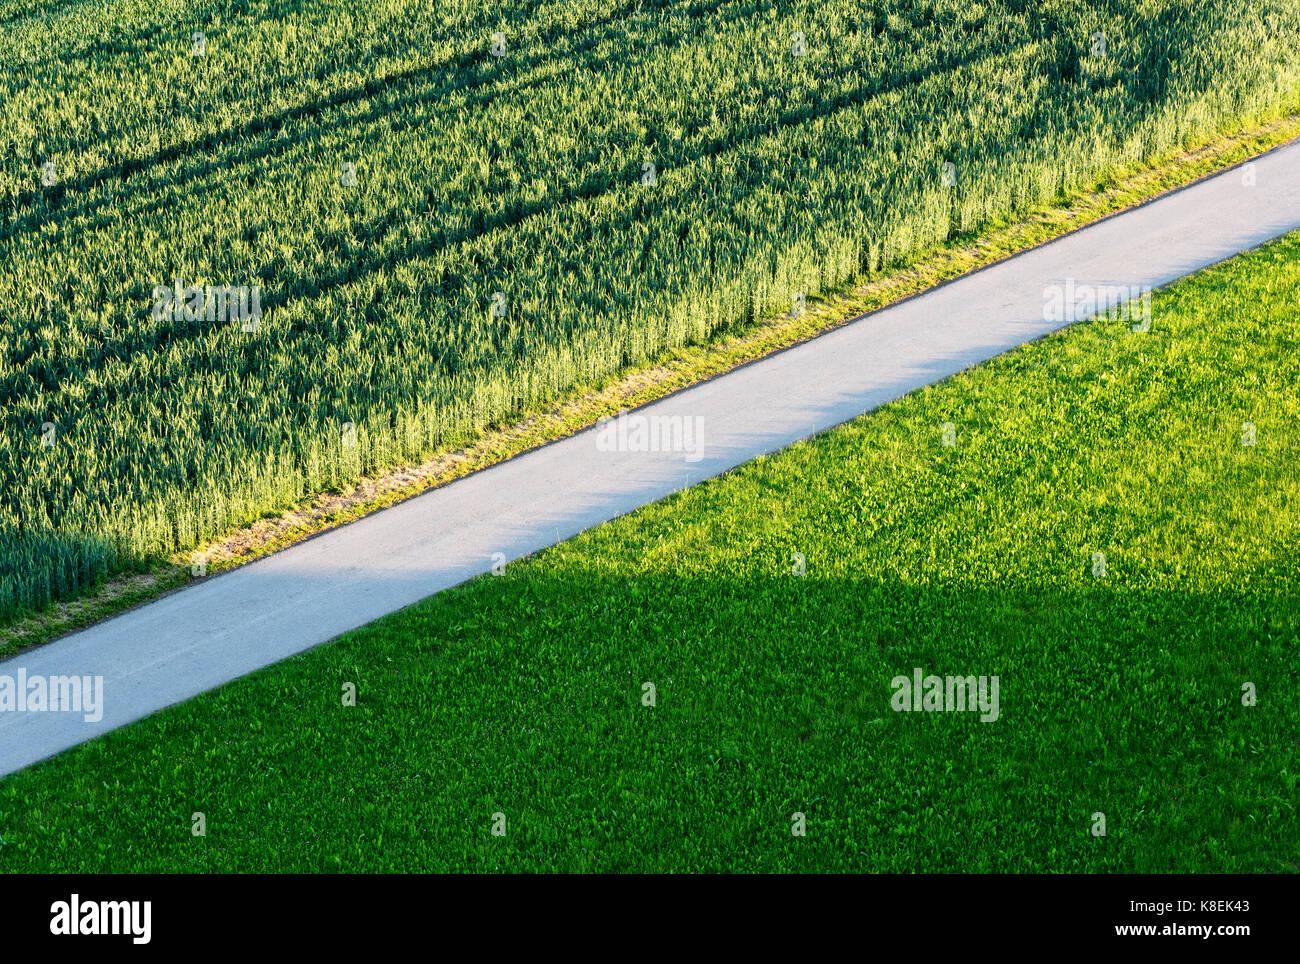 La strada attraverso il verde dei campi agricoli Immagini Stock